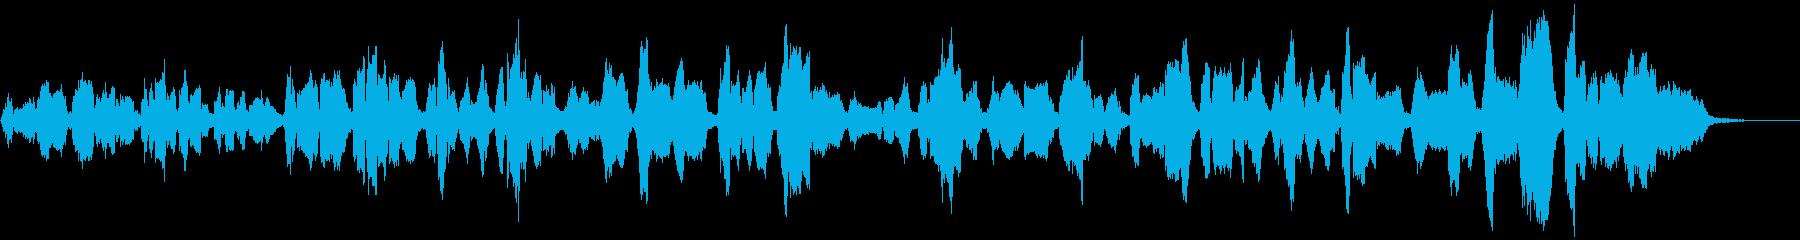 イングランドのキャロル、3声女性コーラスの再生済みの波形